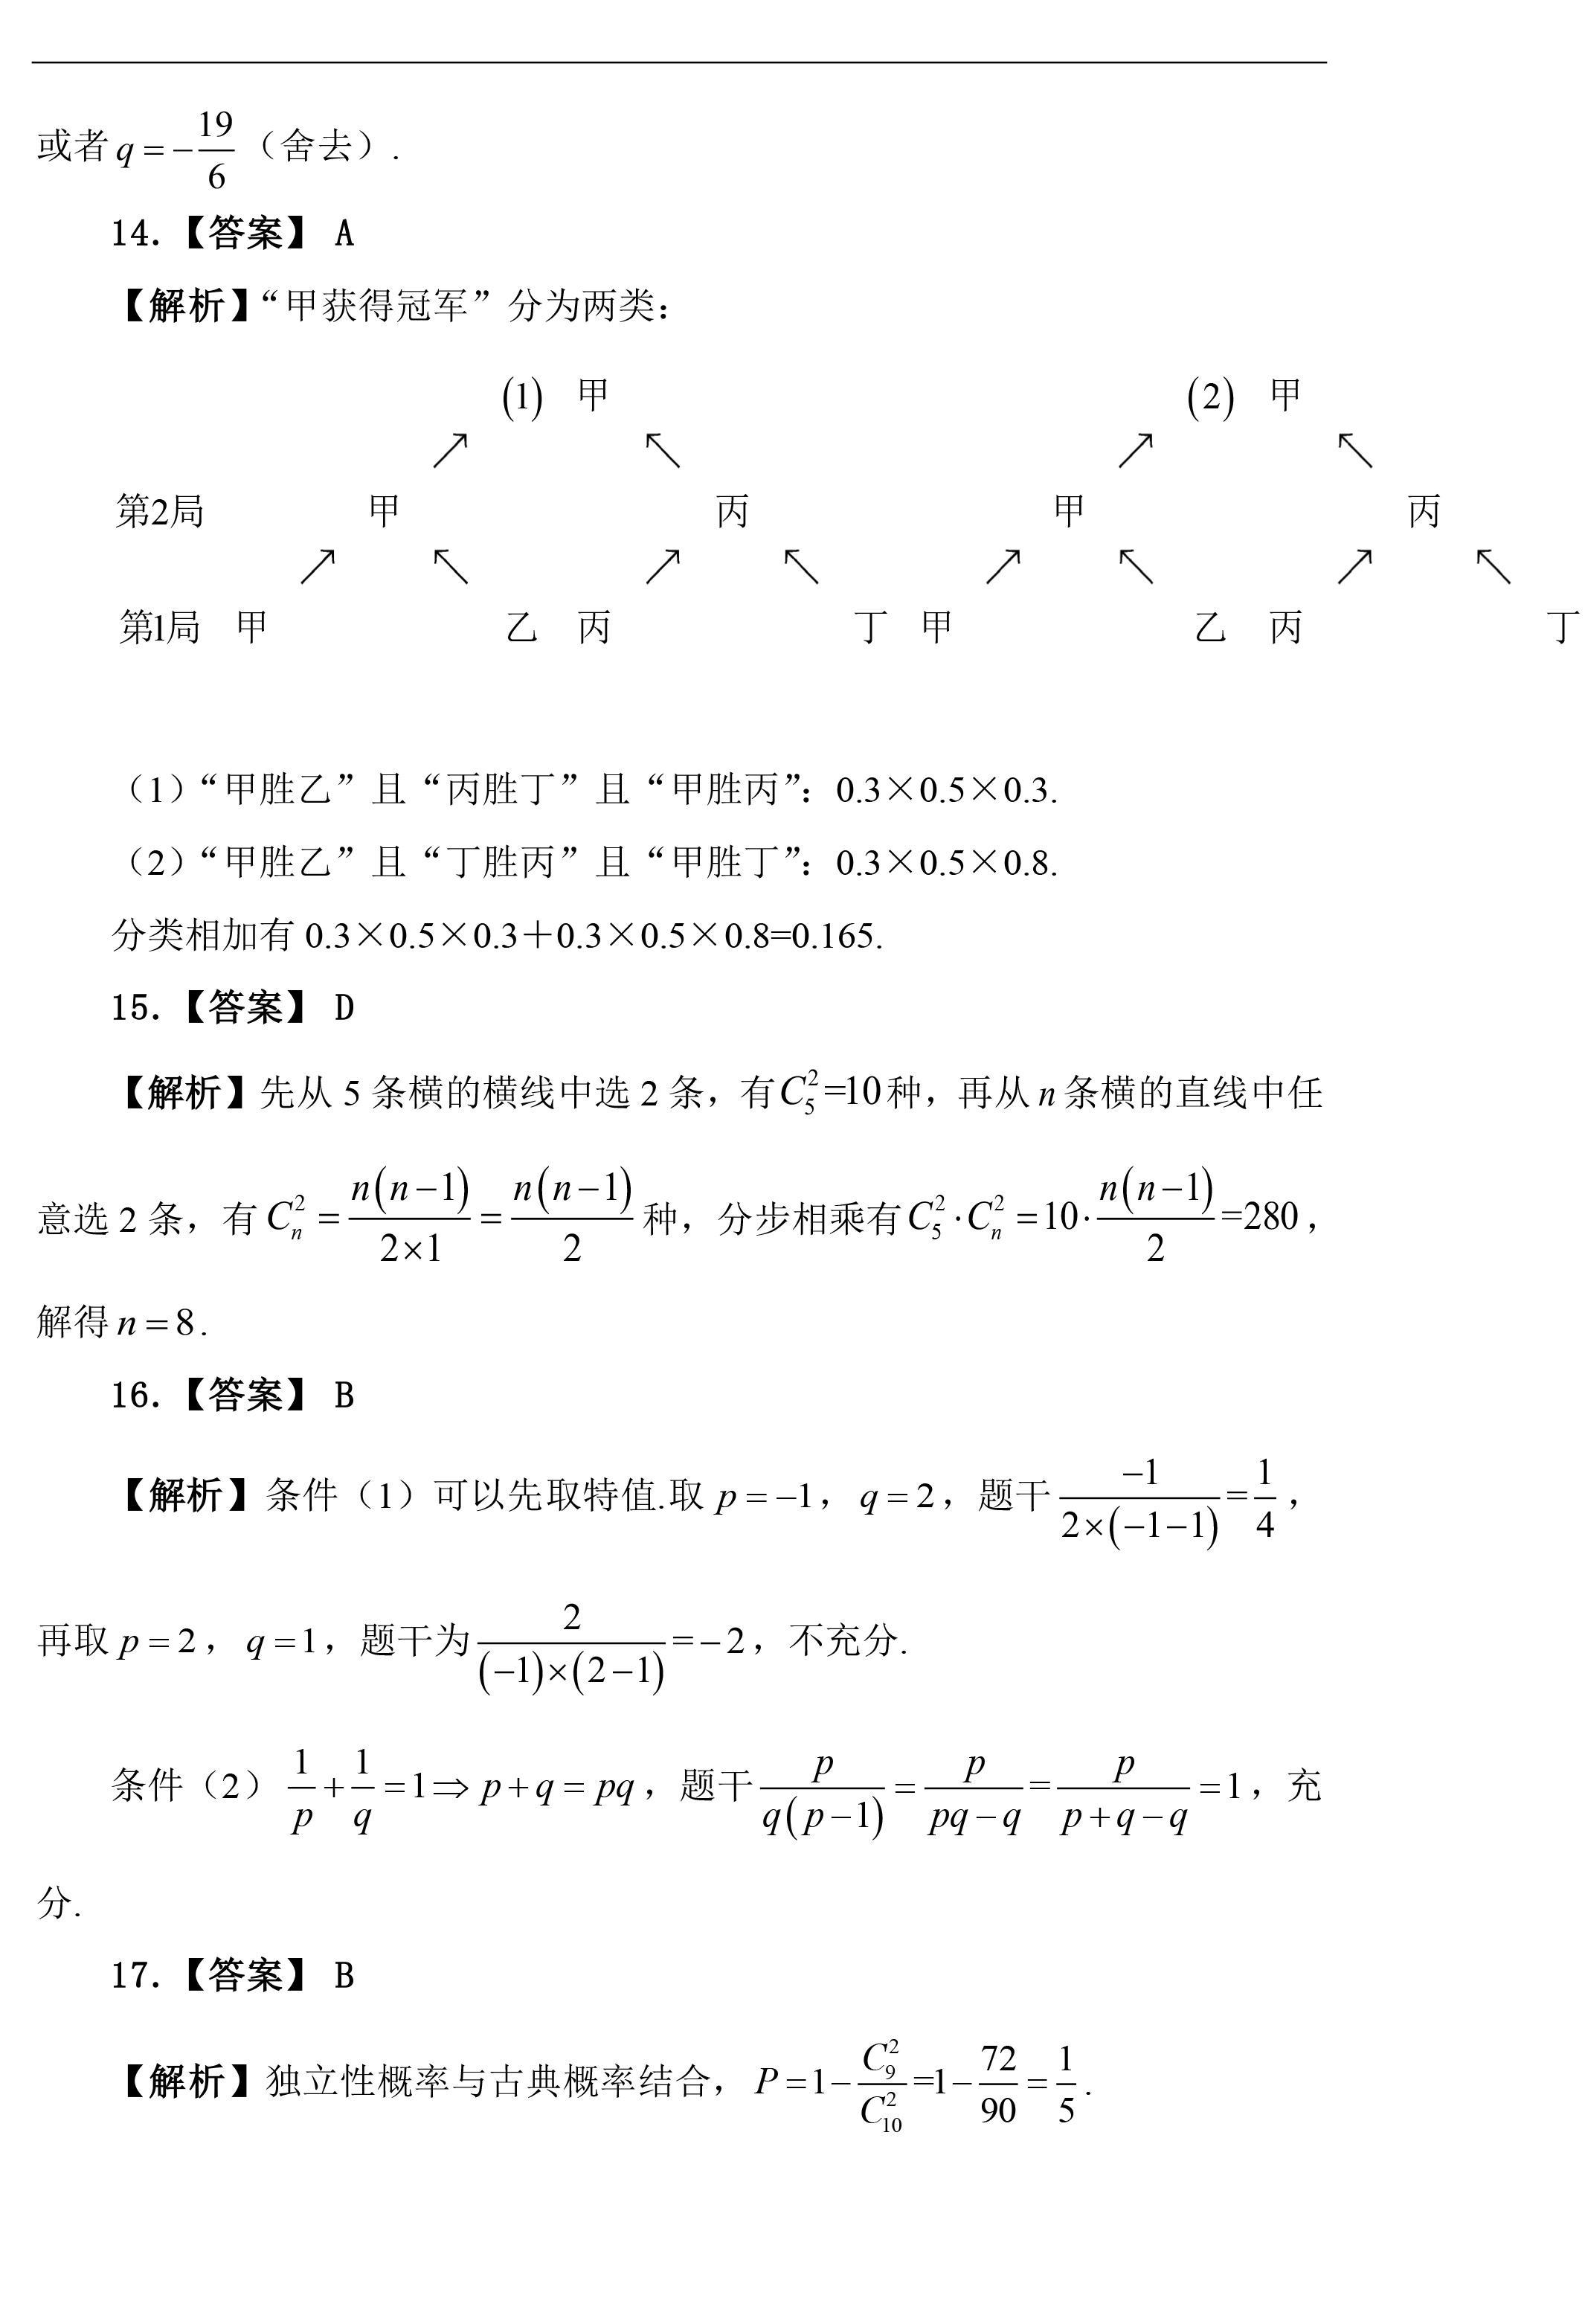 真题试卷集-综合-2014~2018-解析-23.jpg